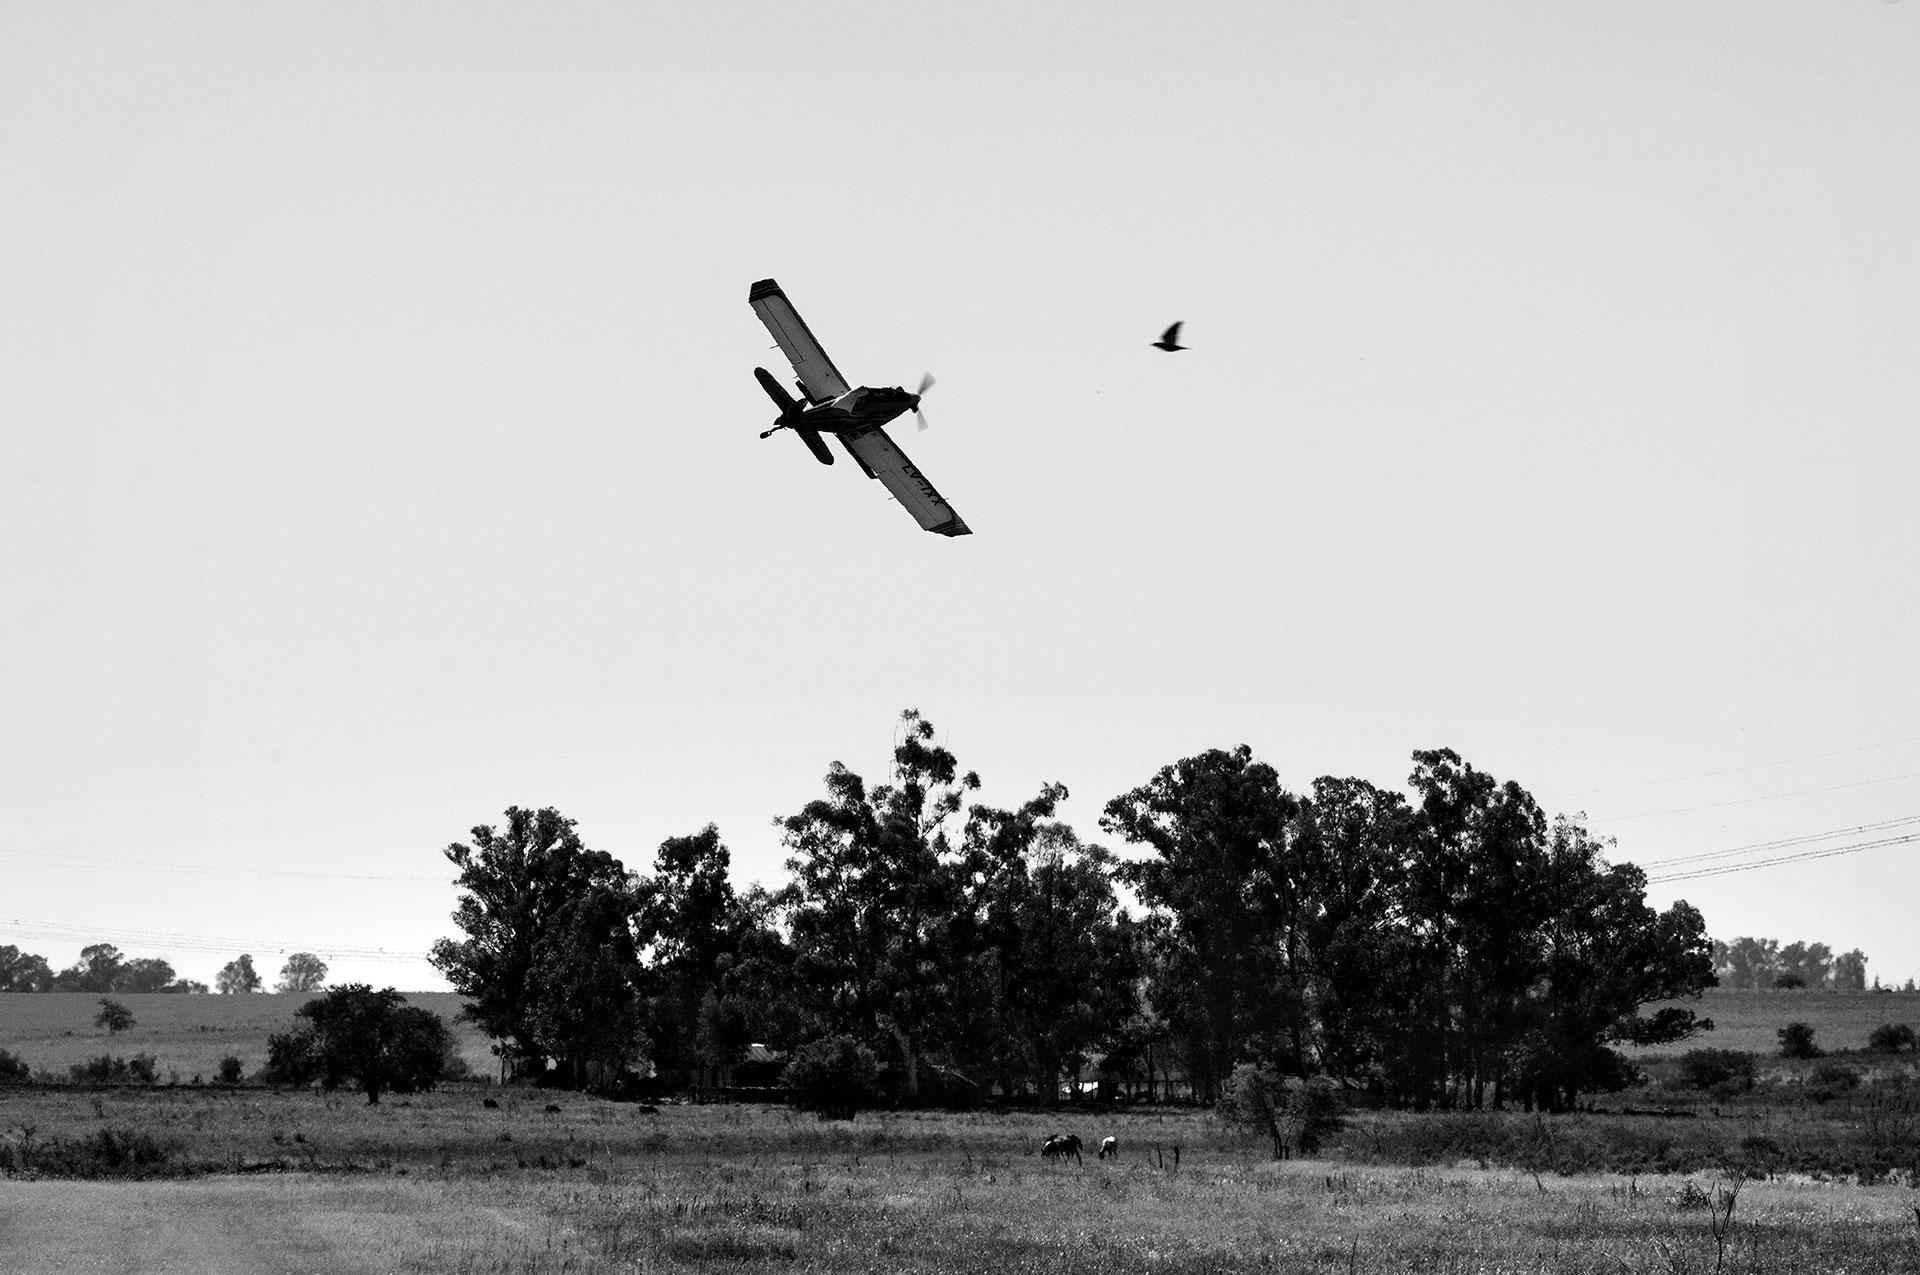 3/4/2015. San Salvador, Entre Ríos. Un avión de fumigación sobrevuela los cultivos.